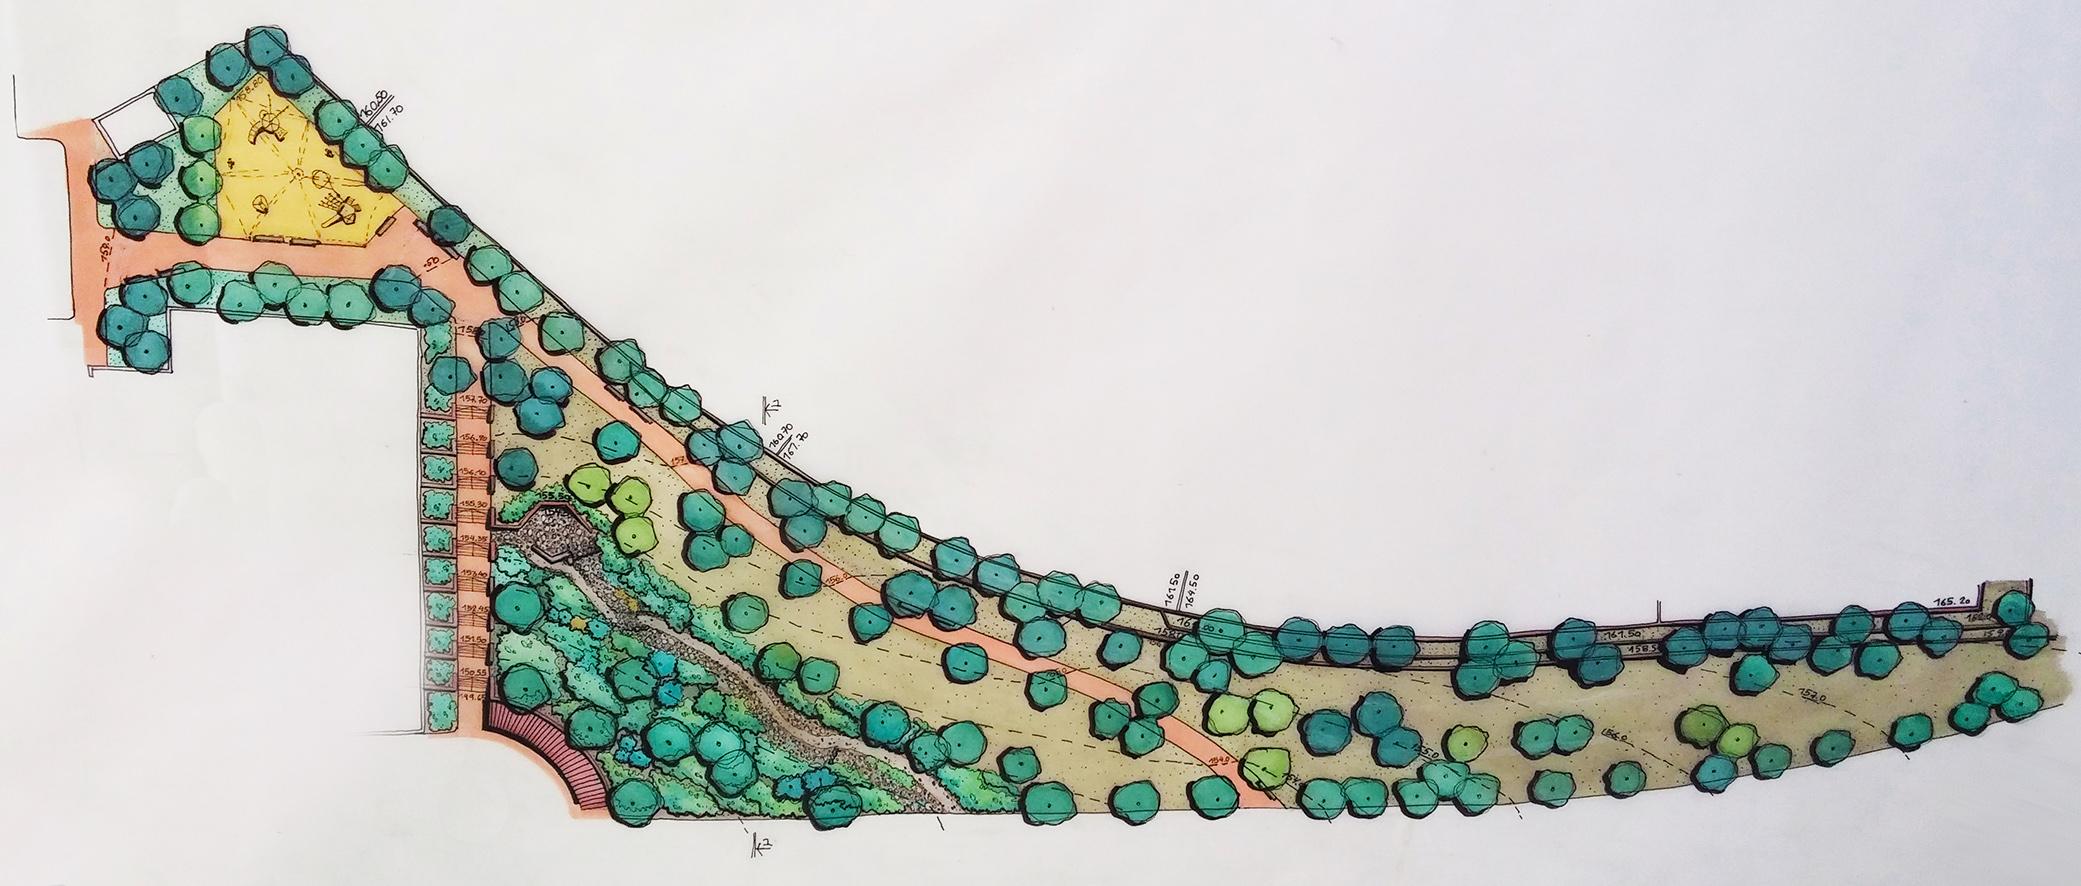 גן מדרון הטיילת